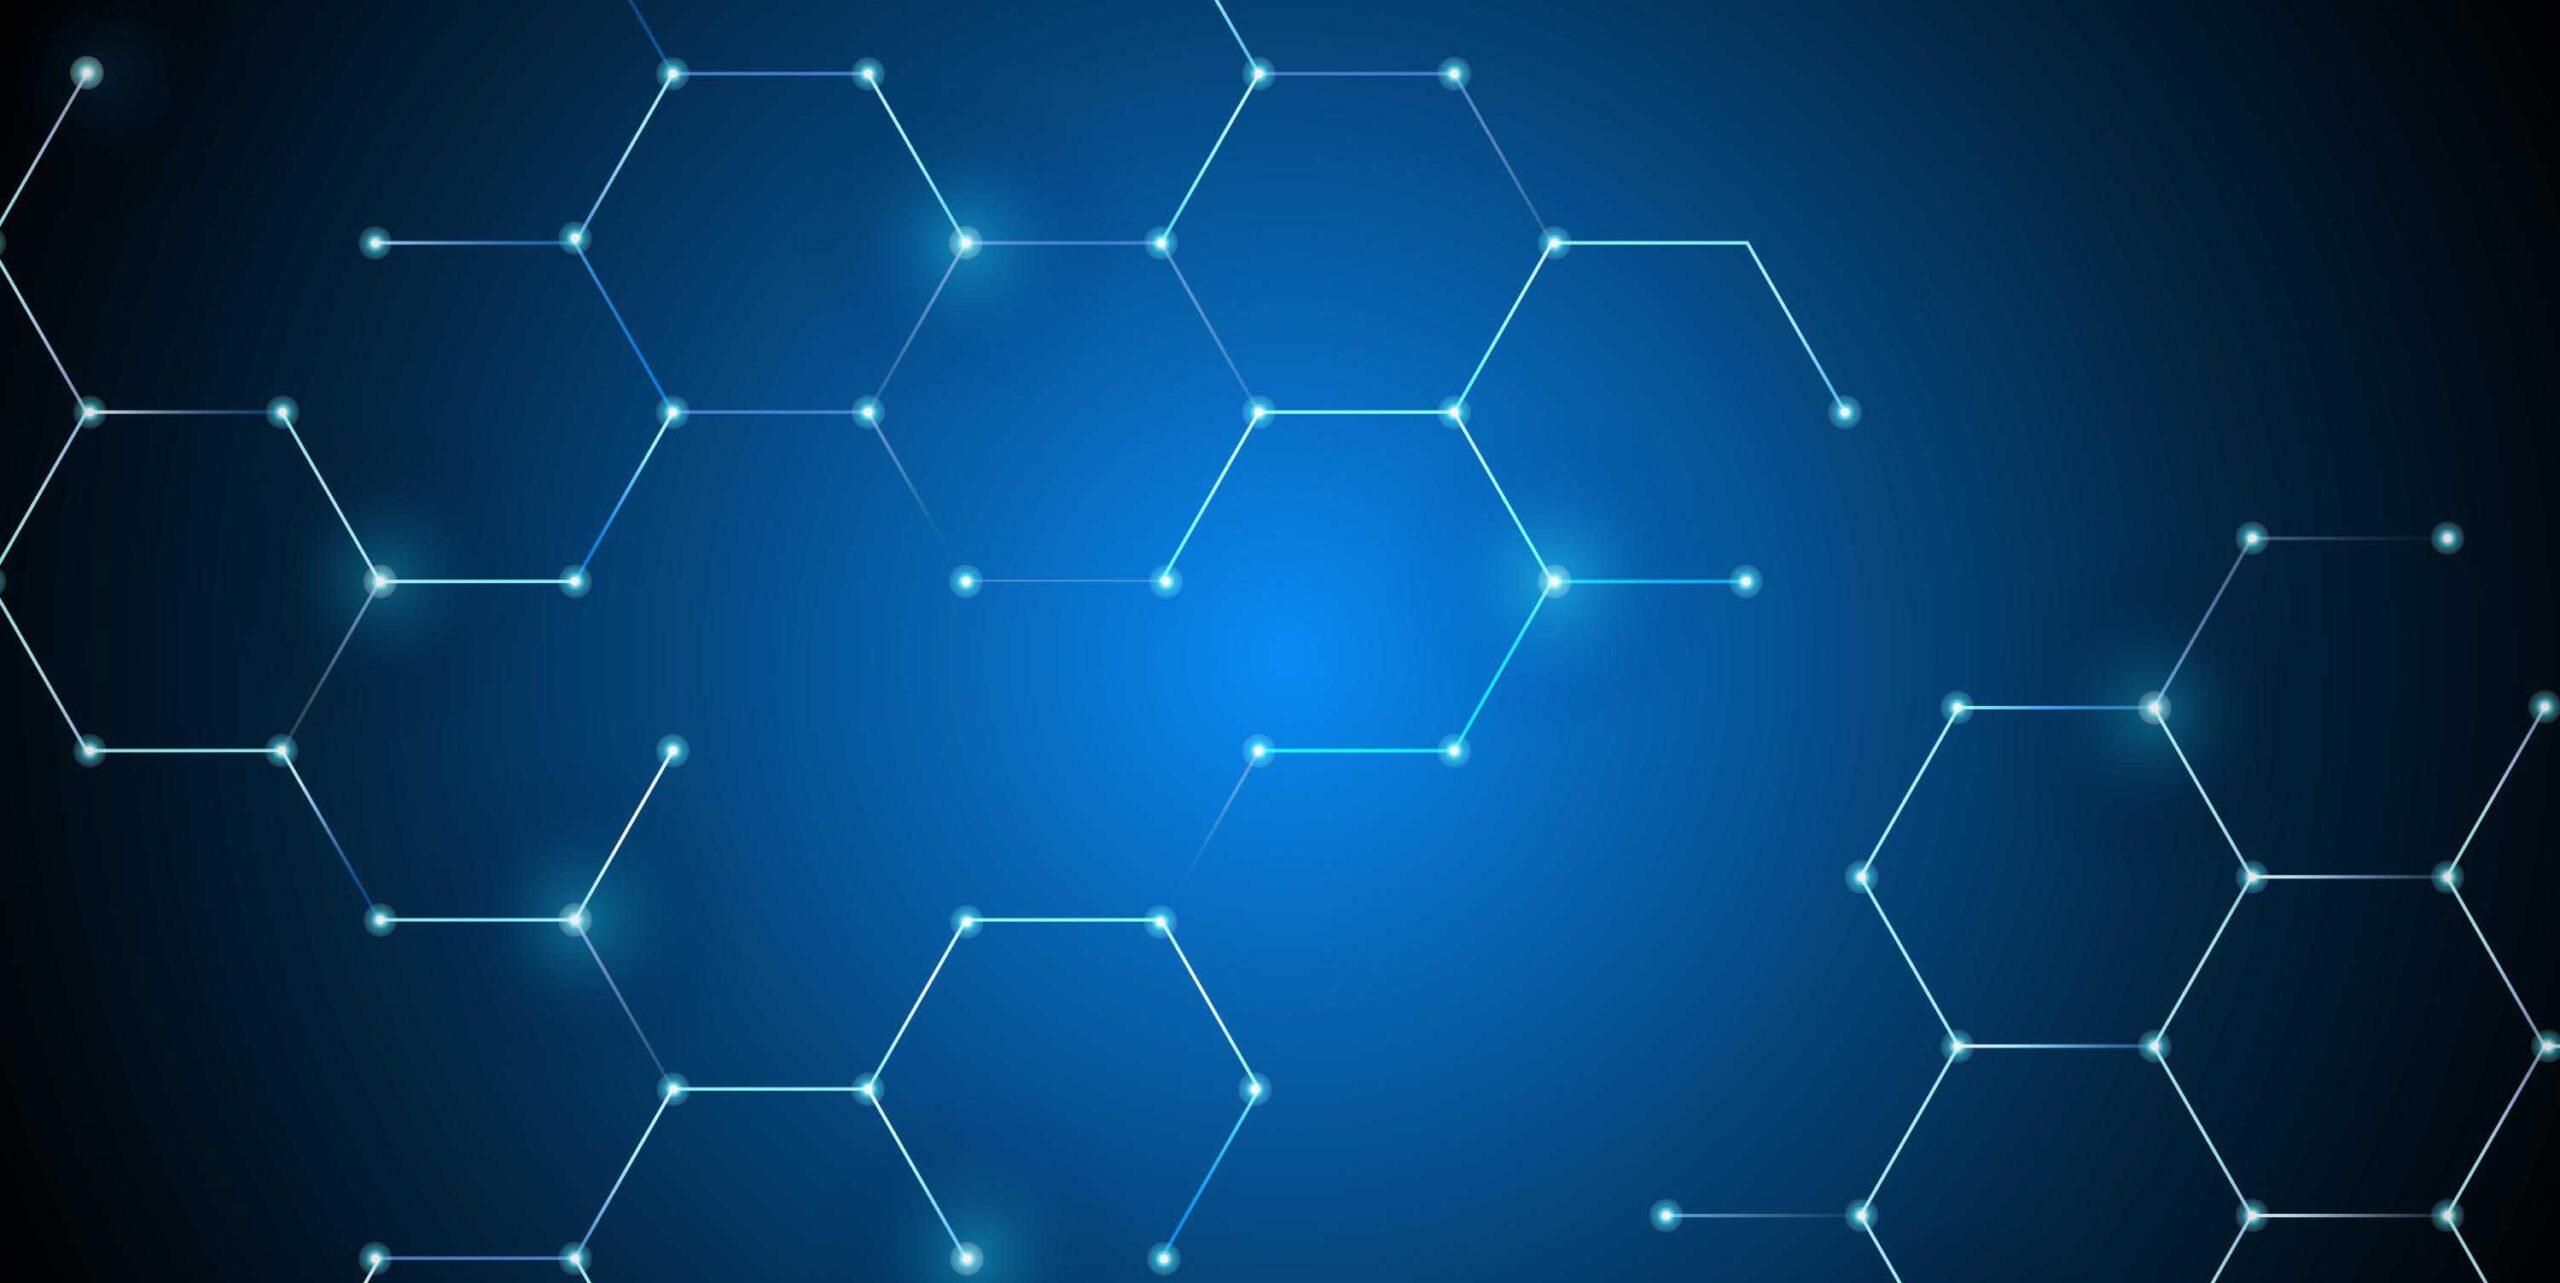 Gestire un ambiente IT è sempre una sfida: con il sistema RMM possiamo verificare in real-time e da remoto lo stato del tuo asset informatico.